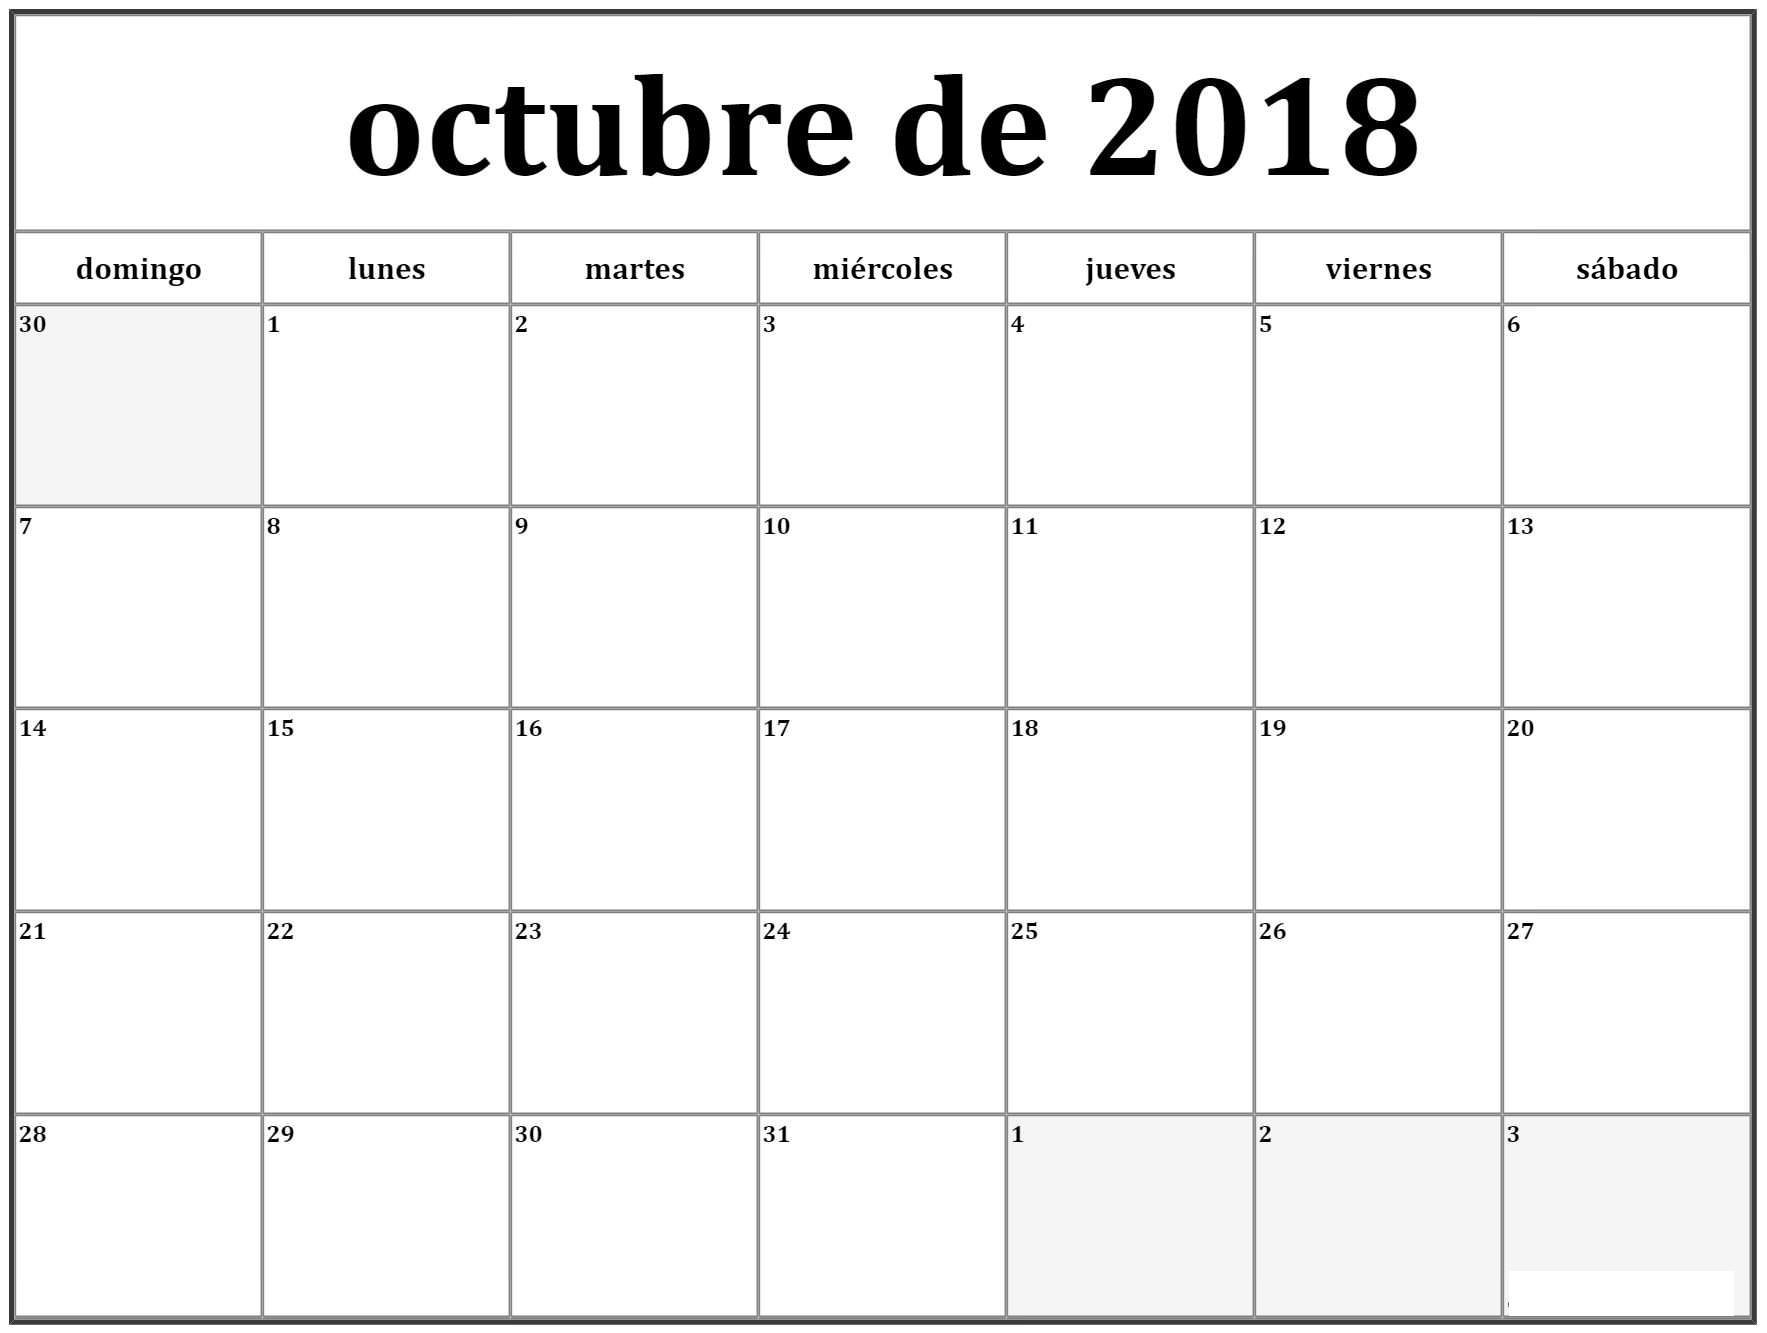 Calendario De Carnavales 2019 Más Recientes Calendario Octubre 2018 Colombia T Of Calendario De Carnavales 2019 Más Reciente Abi Agencia Boliviana De Informaci³n V2018